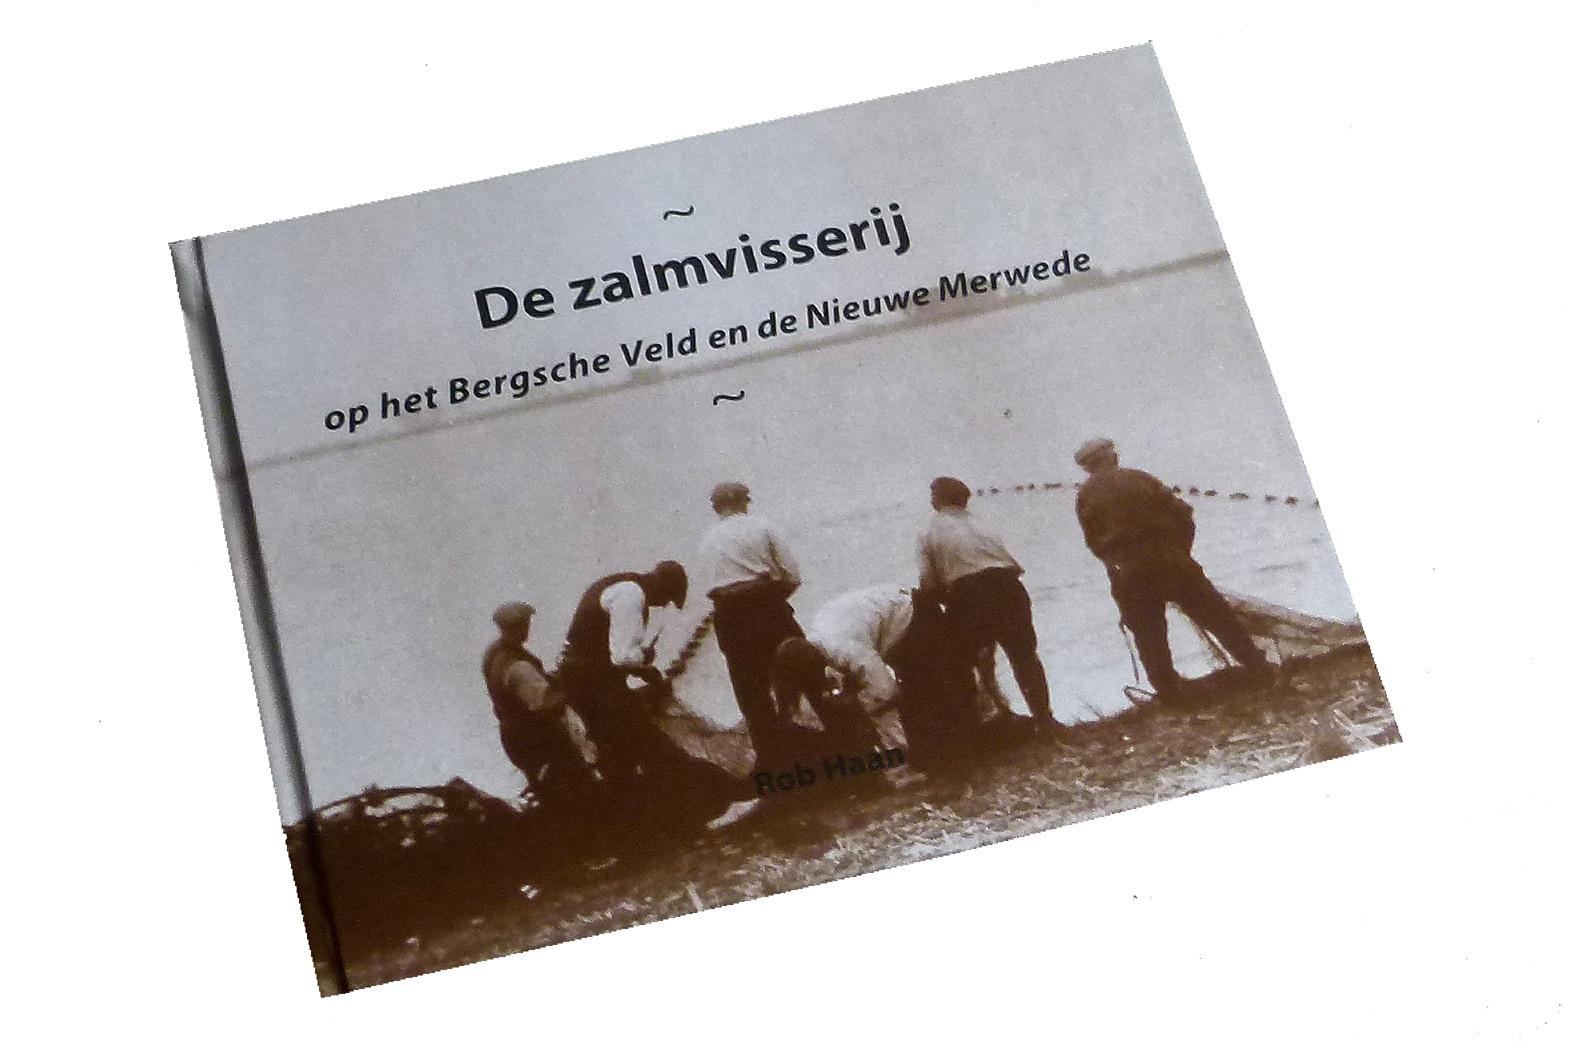 De zalmvisserij op het Bergsche Veld en de Nieuwe Merwede_01_md